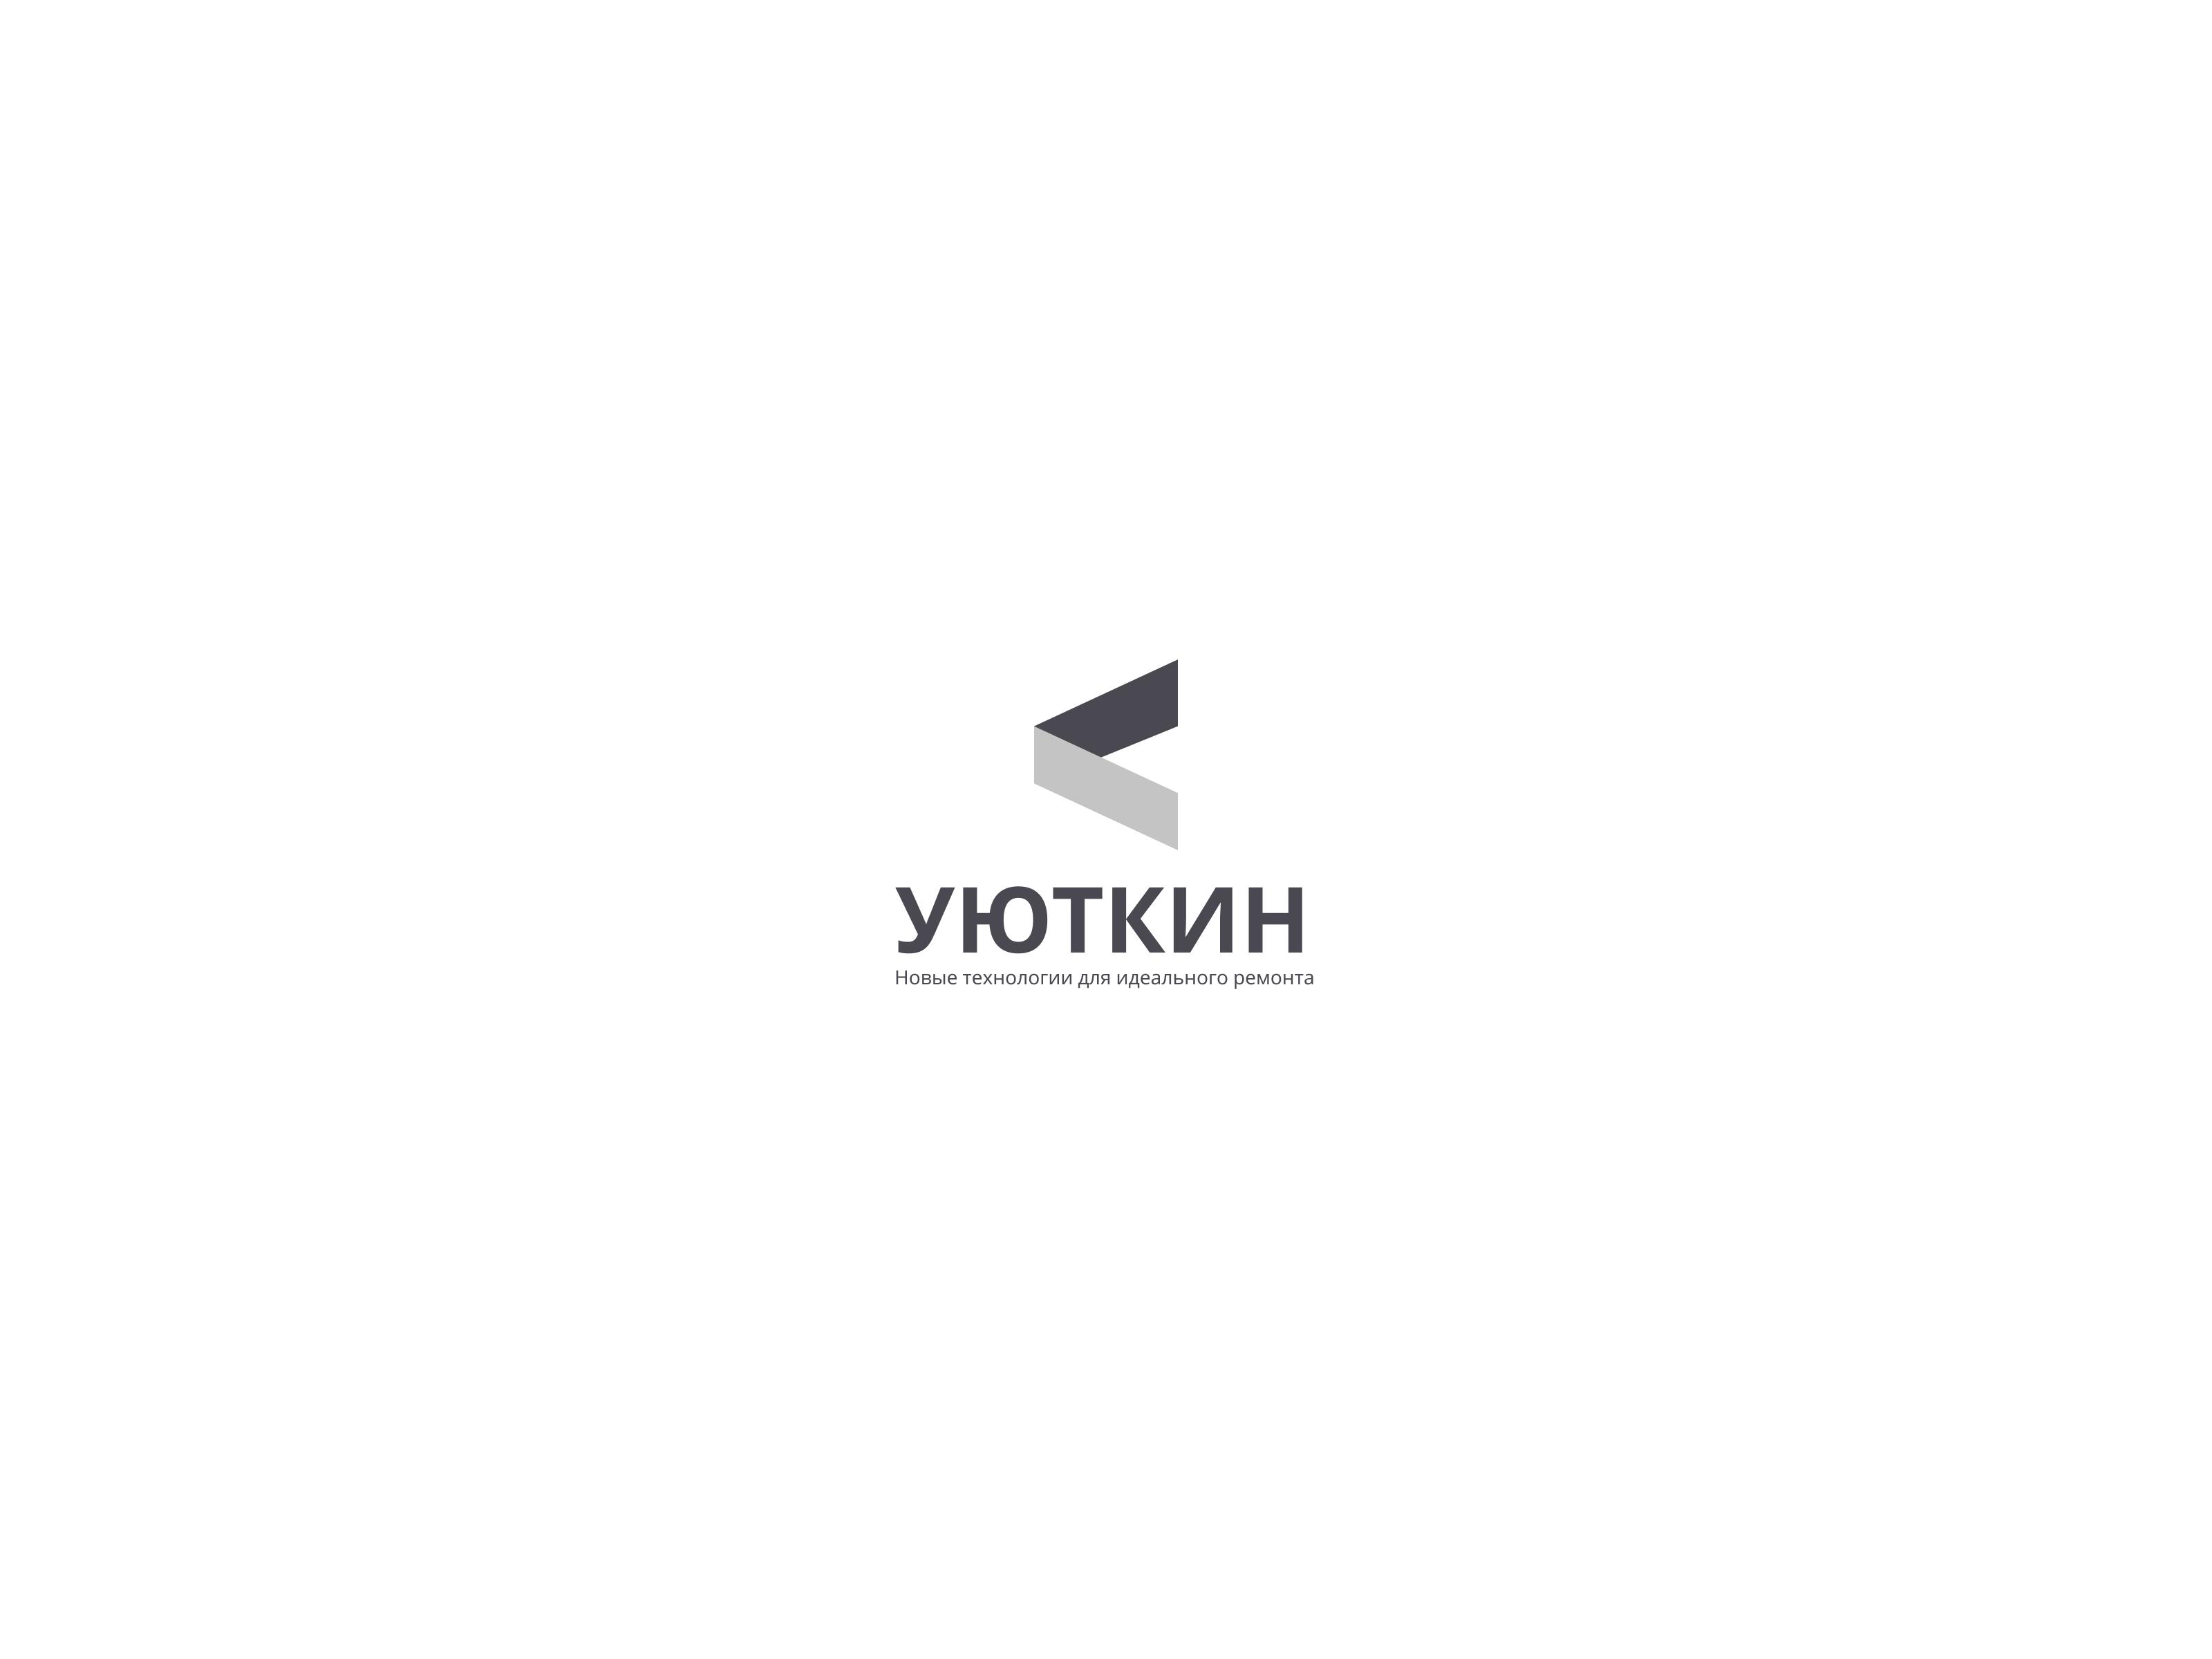 Создание логотипа и стиля сайта фото f_5915c628e7f02ebf.png